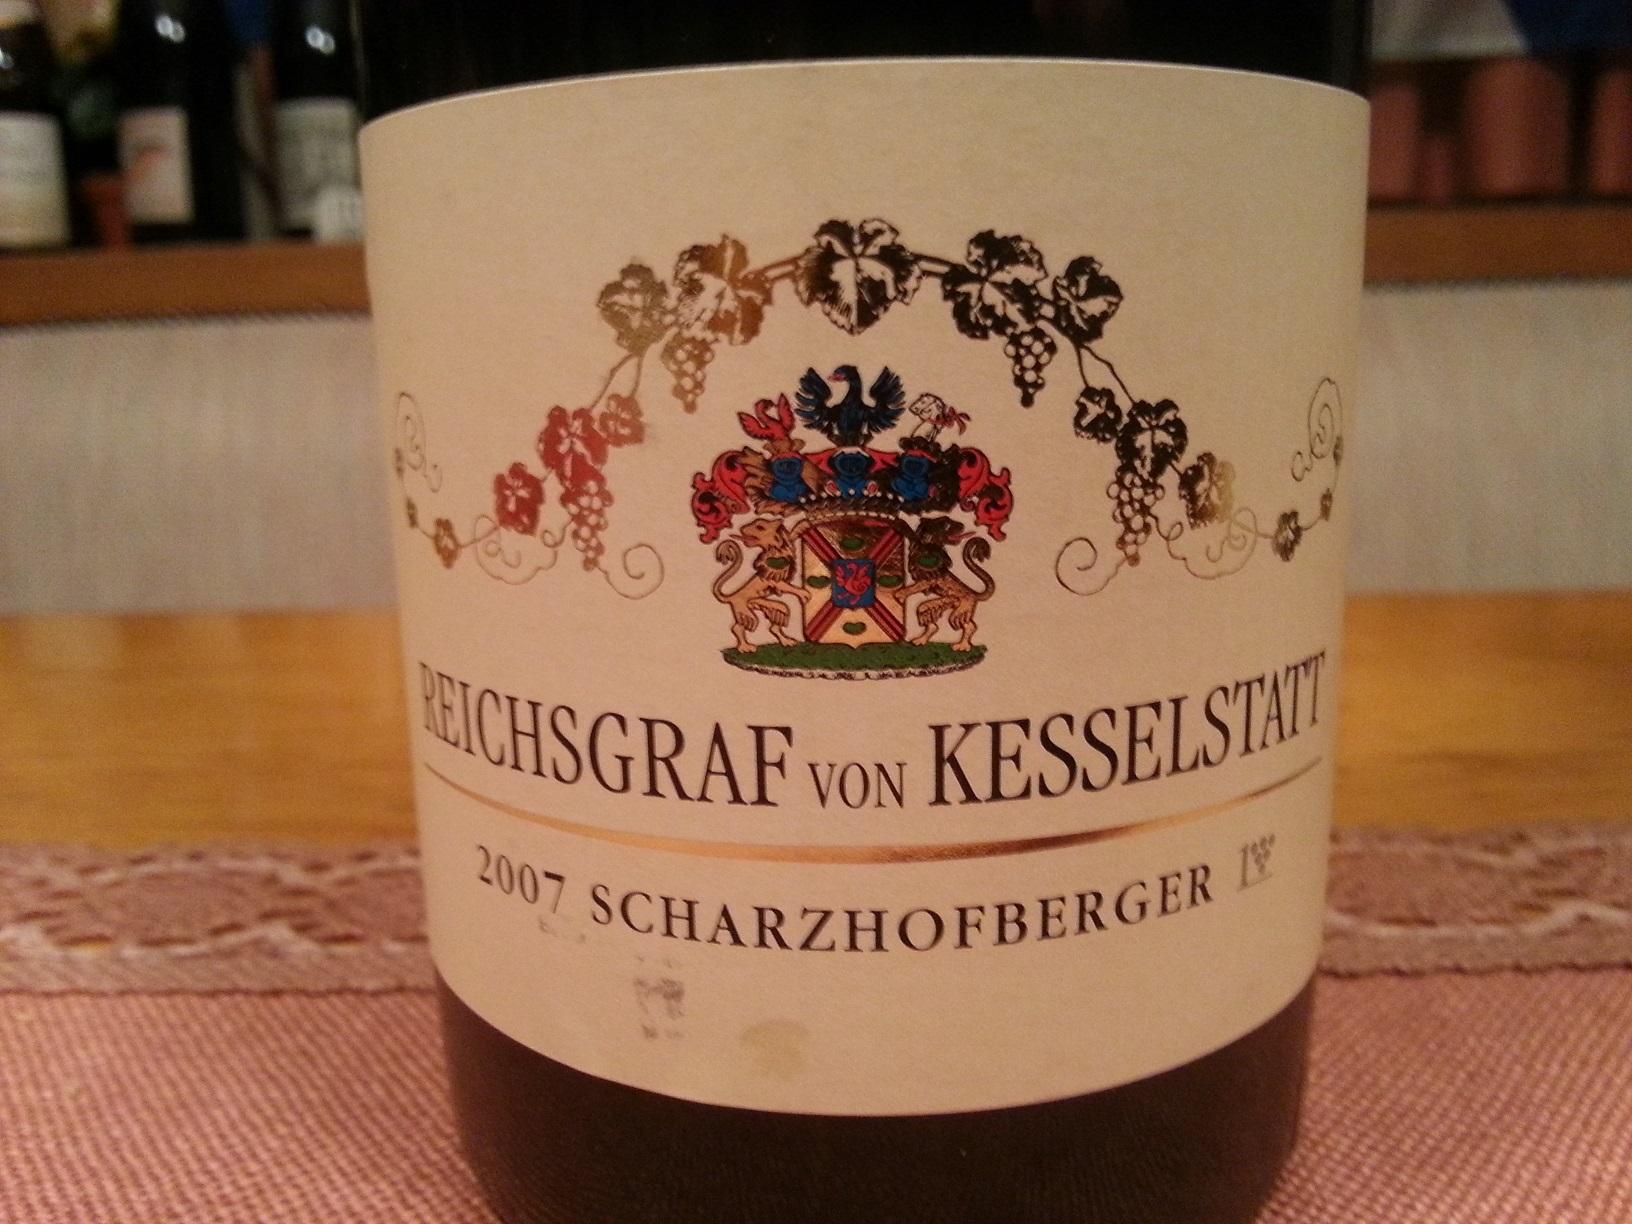 2007 Riesling Scharzhofberger GG   Kesselstatt